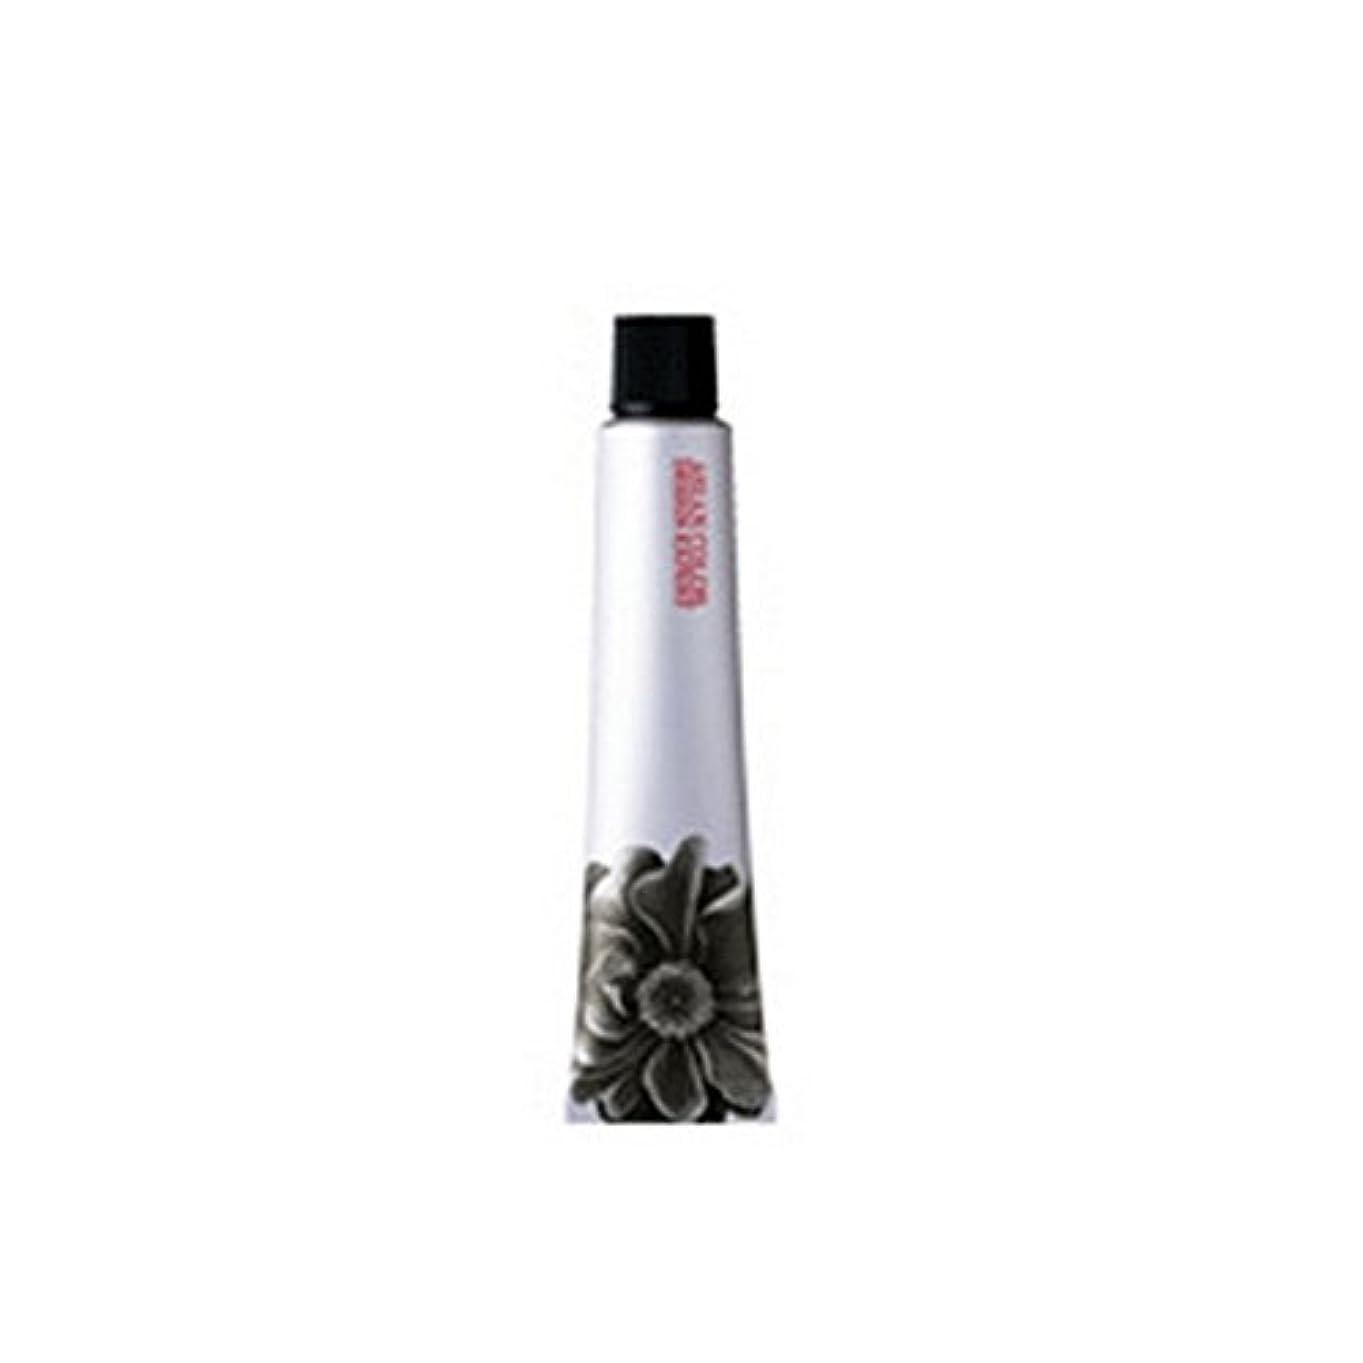 アリミノ ariminoアジアンカラー アルカリタイプ85g 1剤【医薬部外品】【業務用】 MINT ASH ミントアッシュ 11